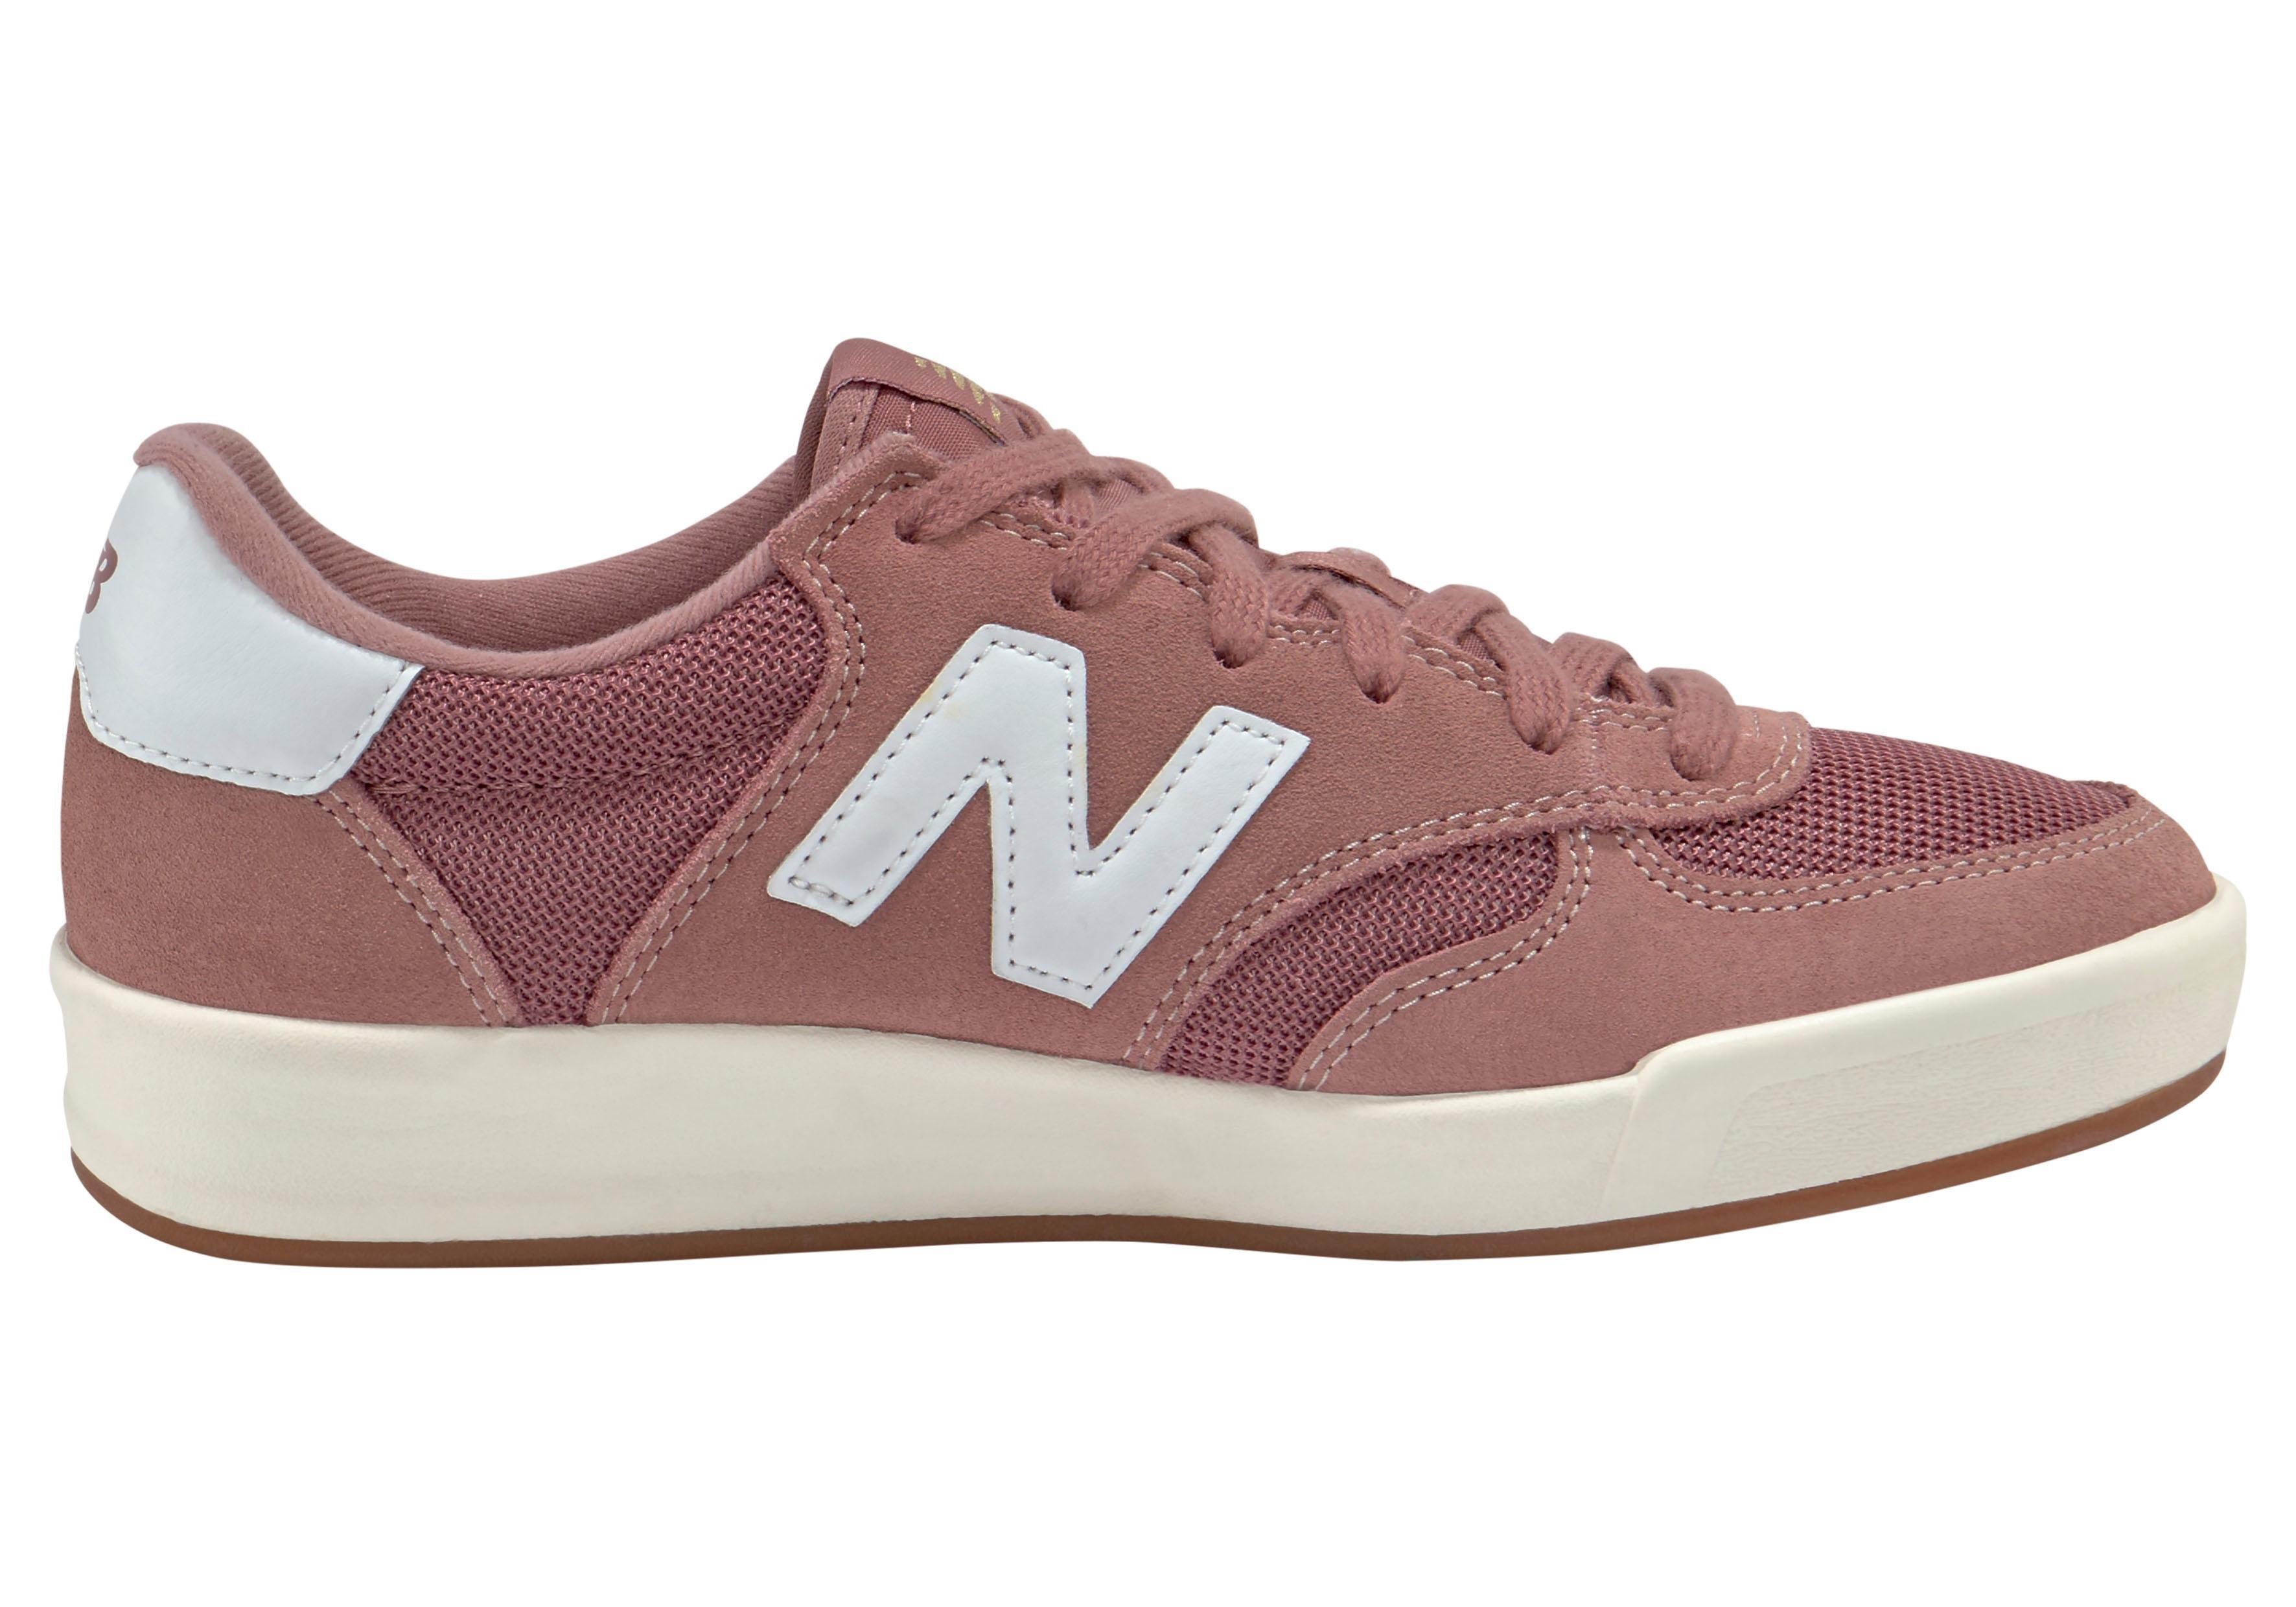 Online 300 Sneakerswrt New Balance Shop WEH2eIYbD9